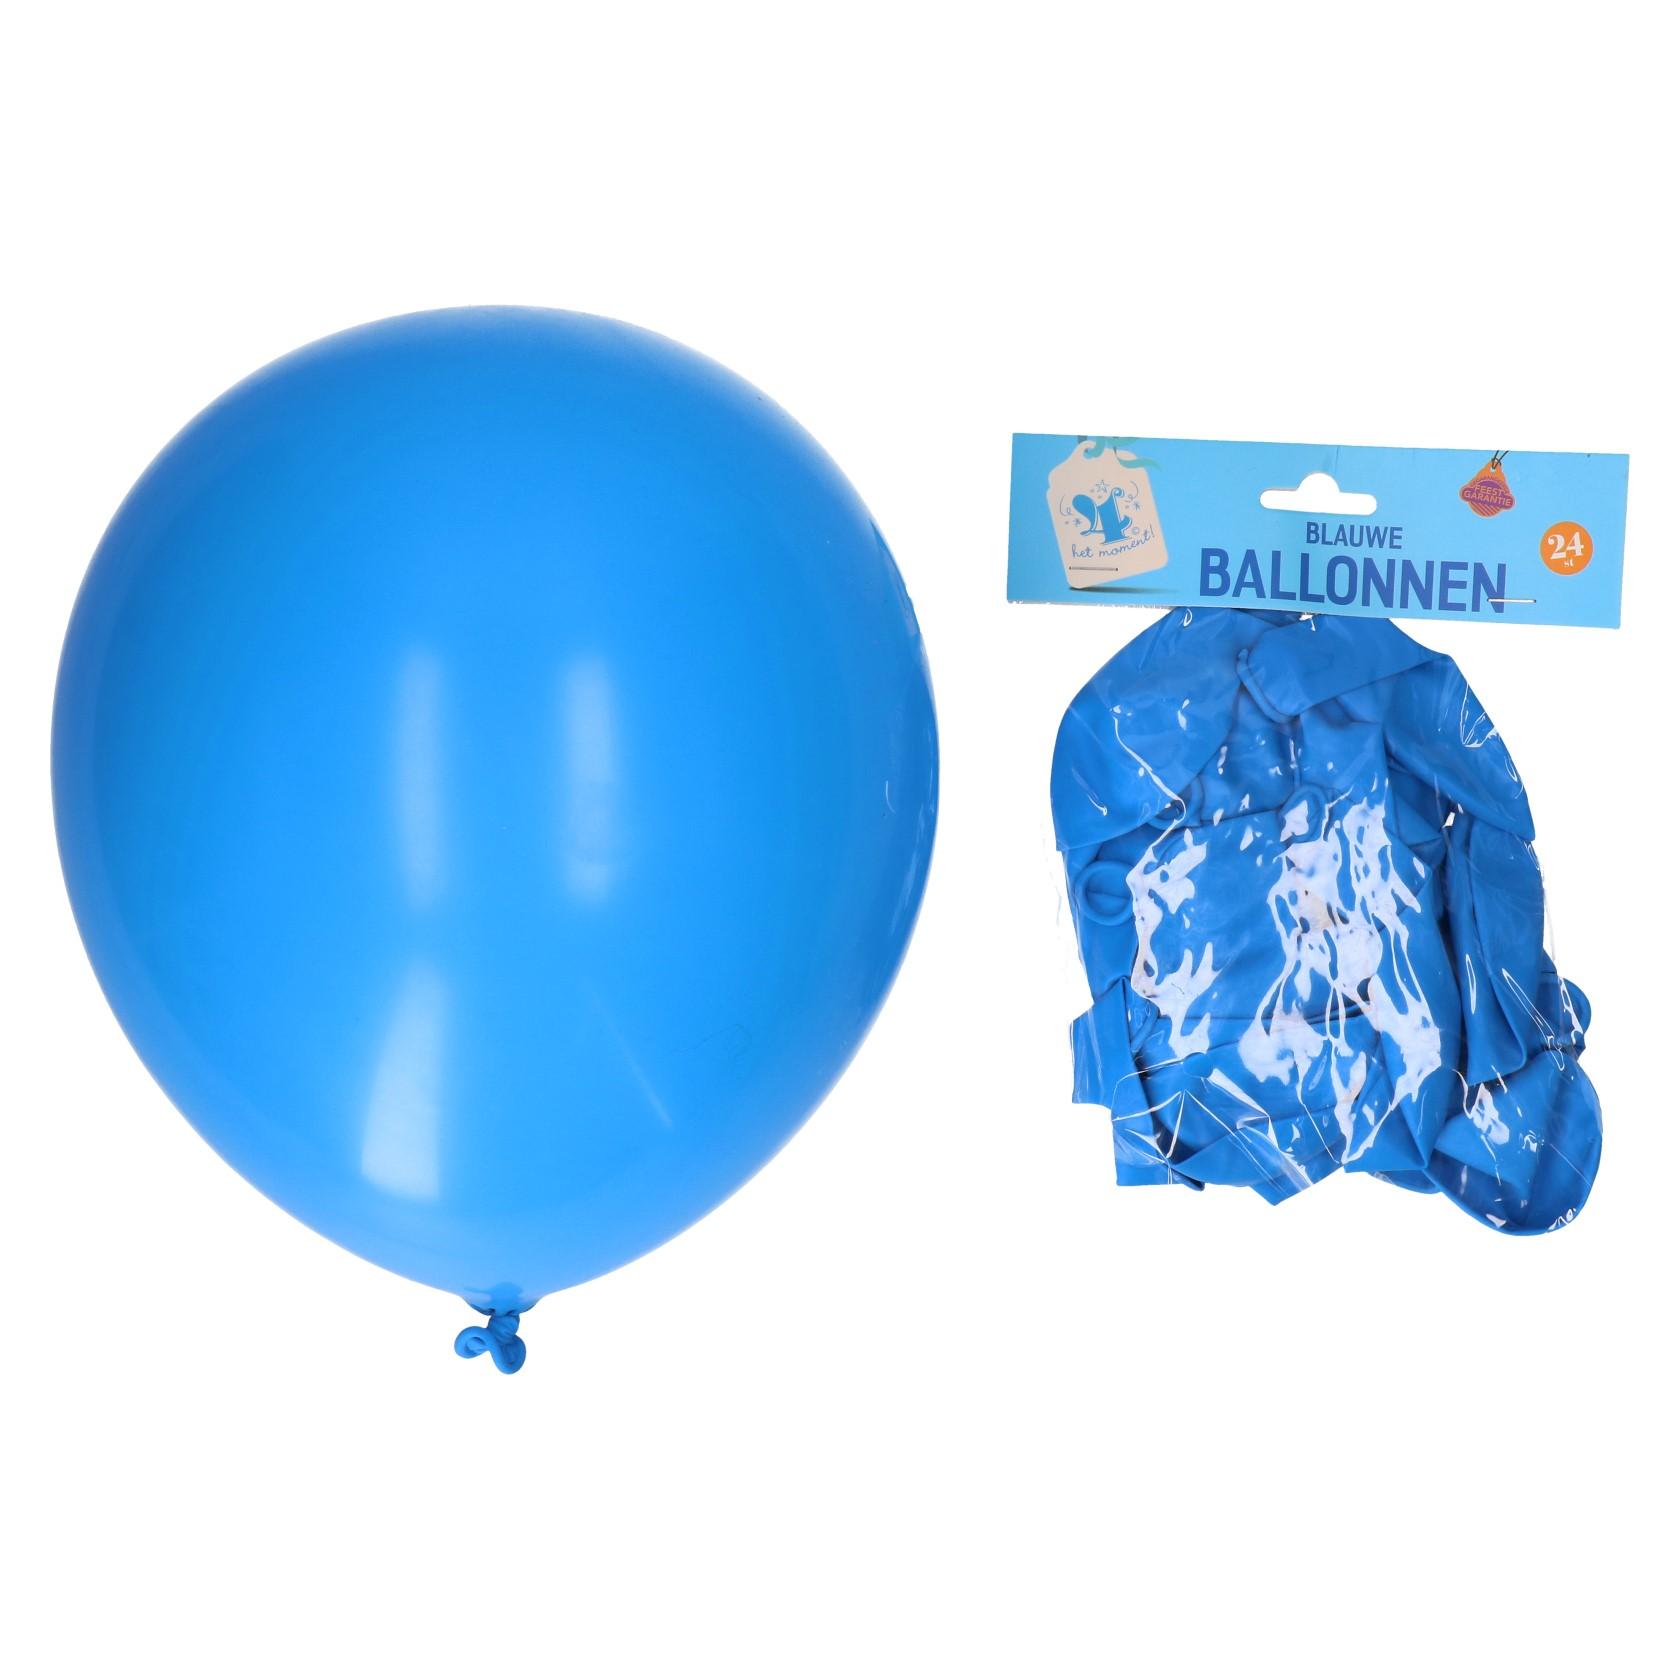 Ballonnen blauw 24 stuks